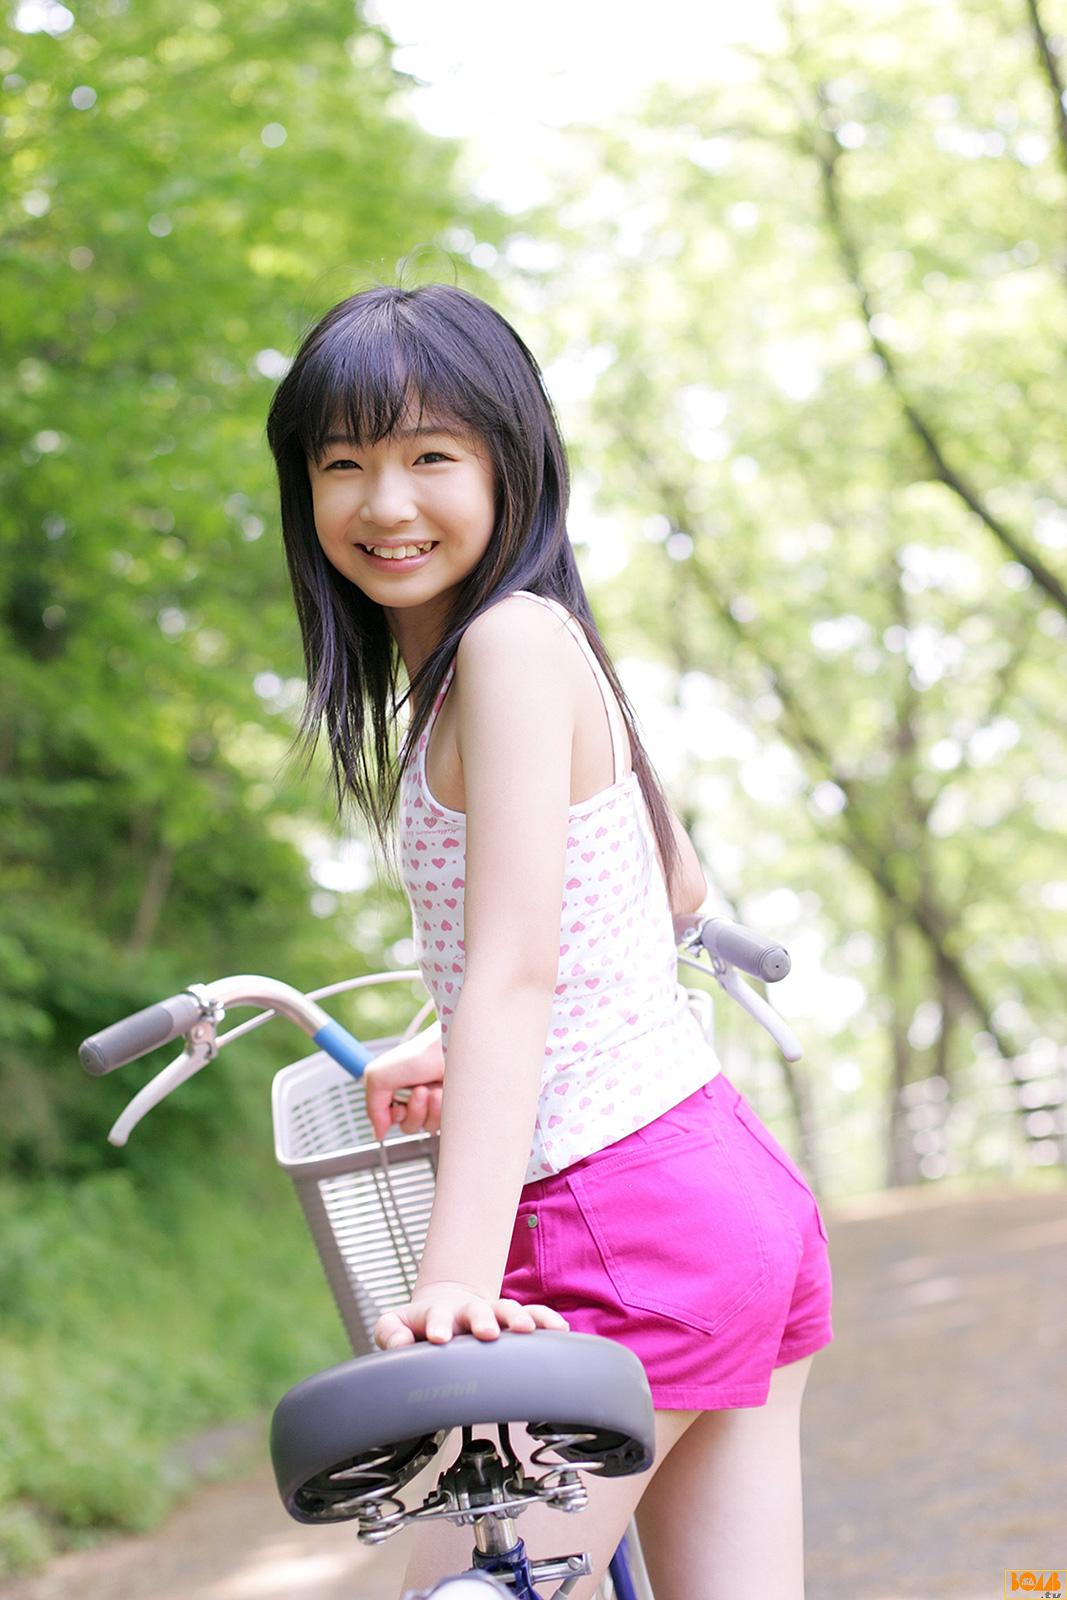 爱爱色五_↙↗爱実de印象↘↖【写真集〗(粉红色)篠原爱実11歳B少女倶